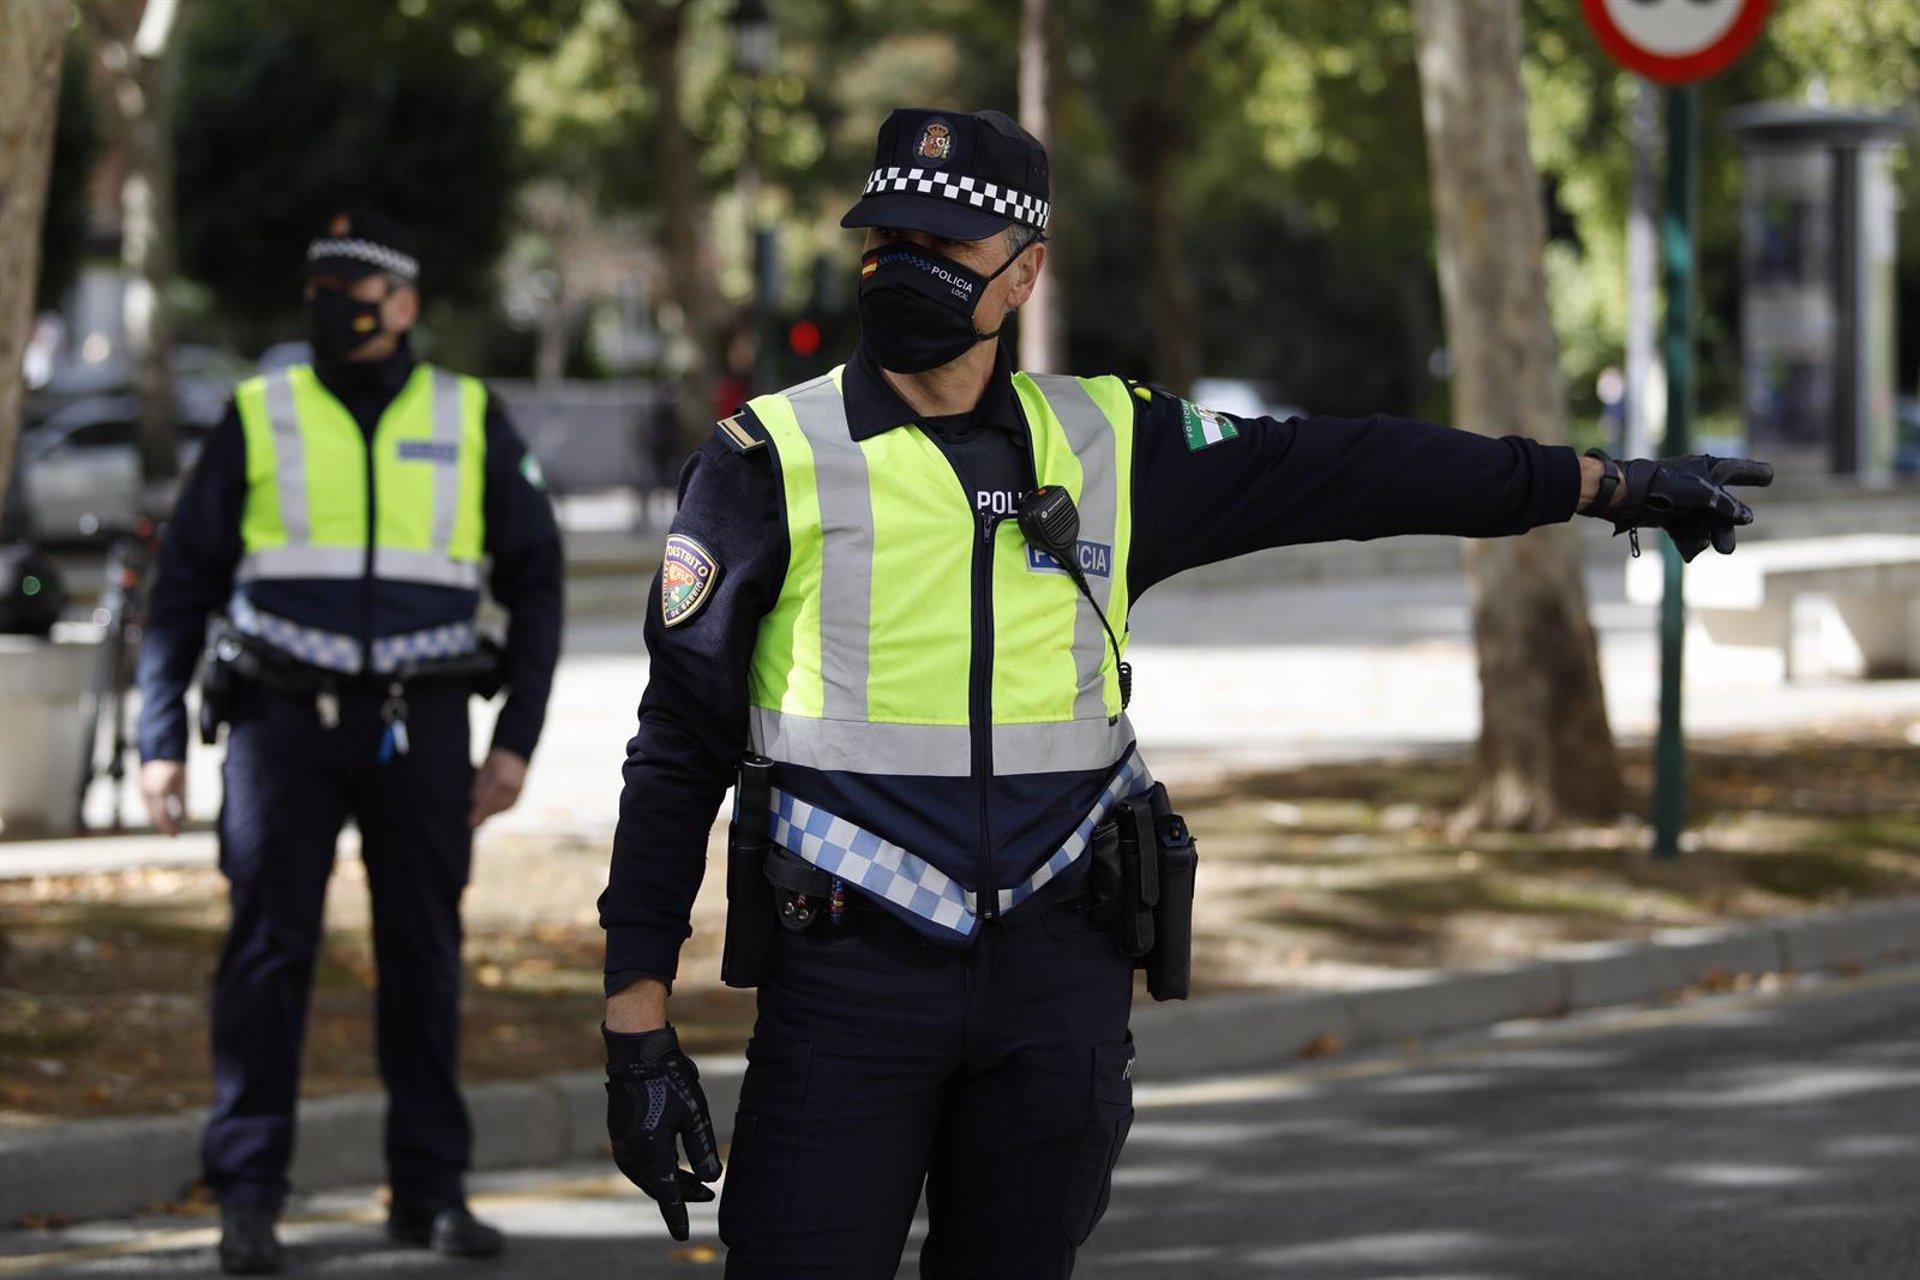 Localizan a un conductor temerario tras identificarlo en un video en redes sociales